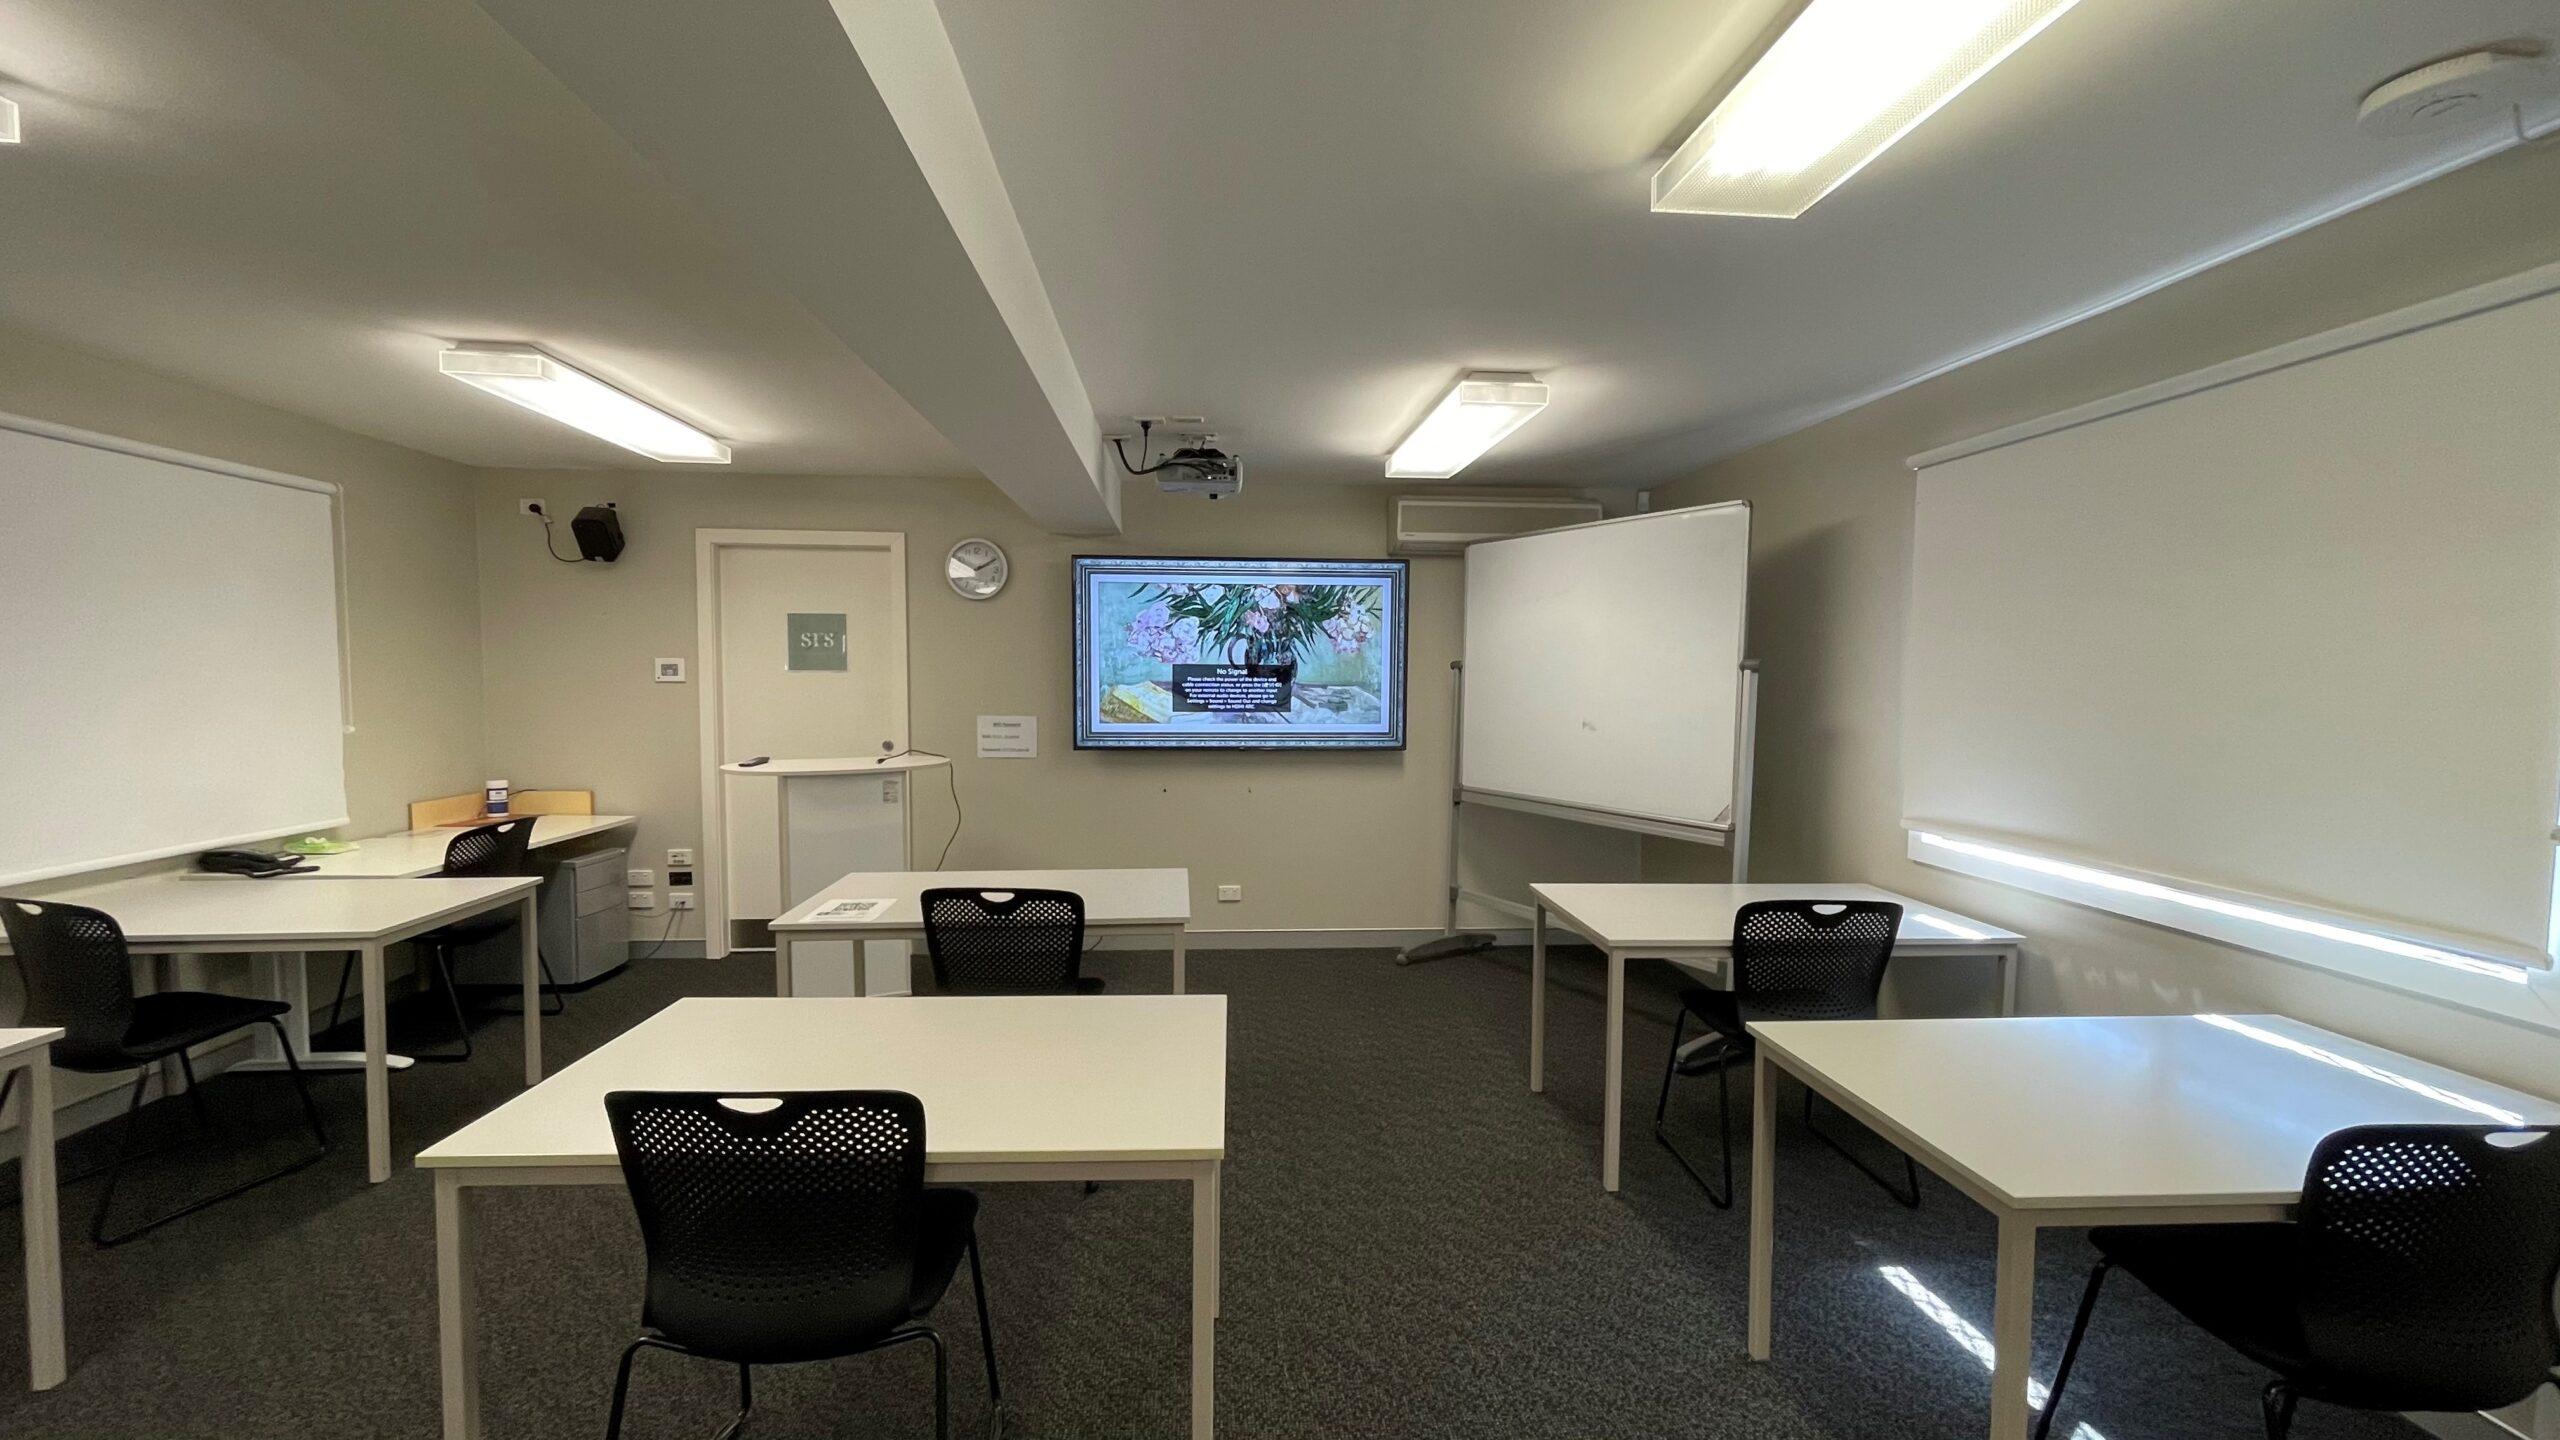 Room 8 classroom